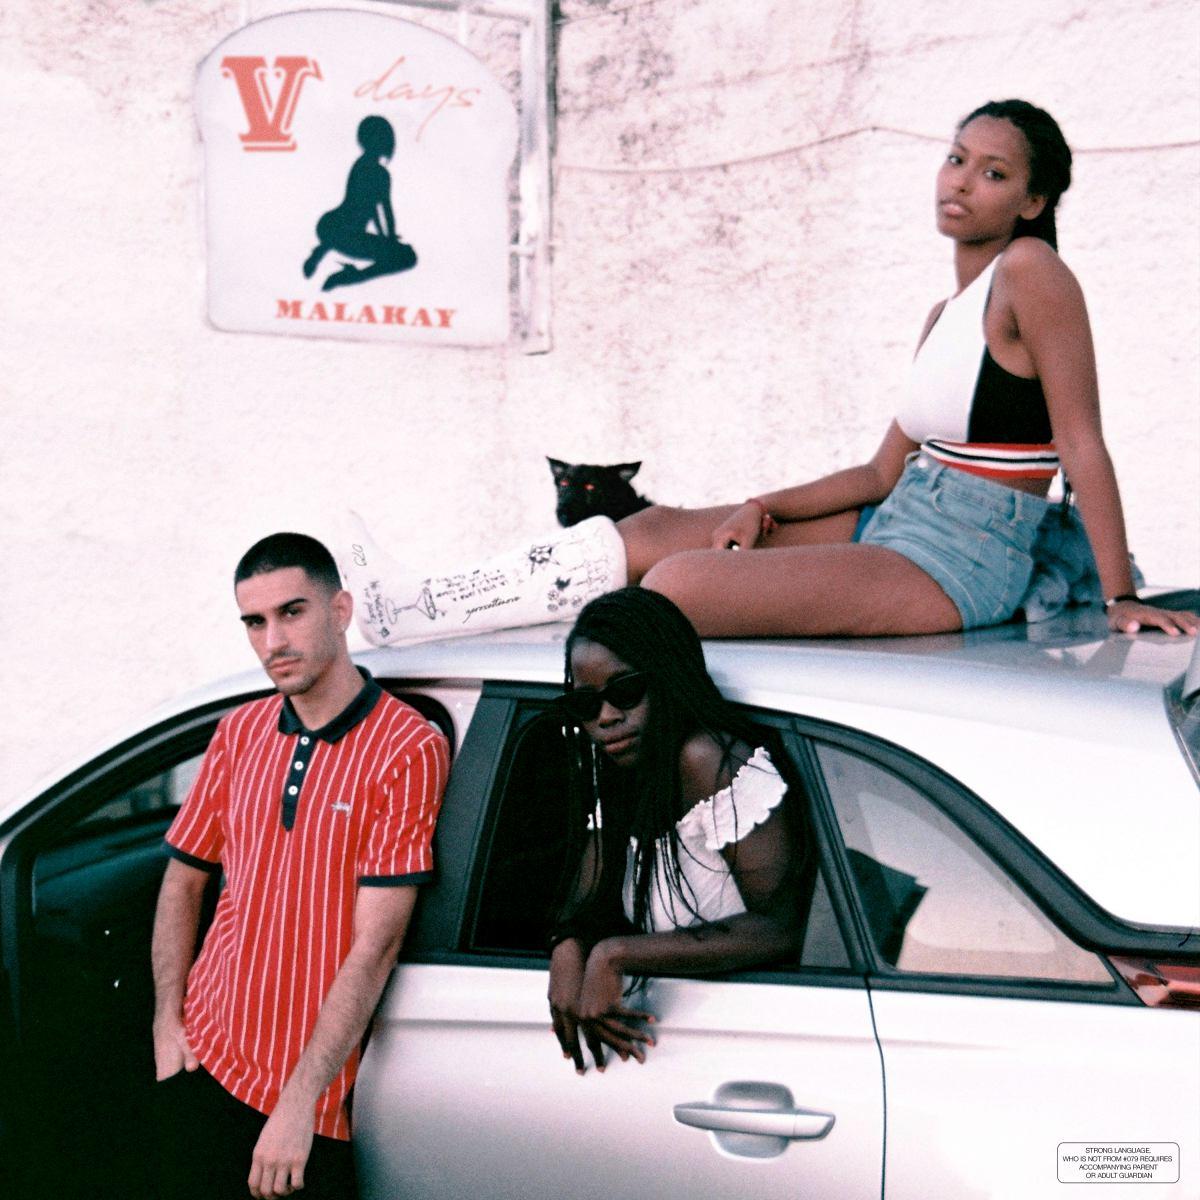 Malakay pubblica il progetto V Days